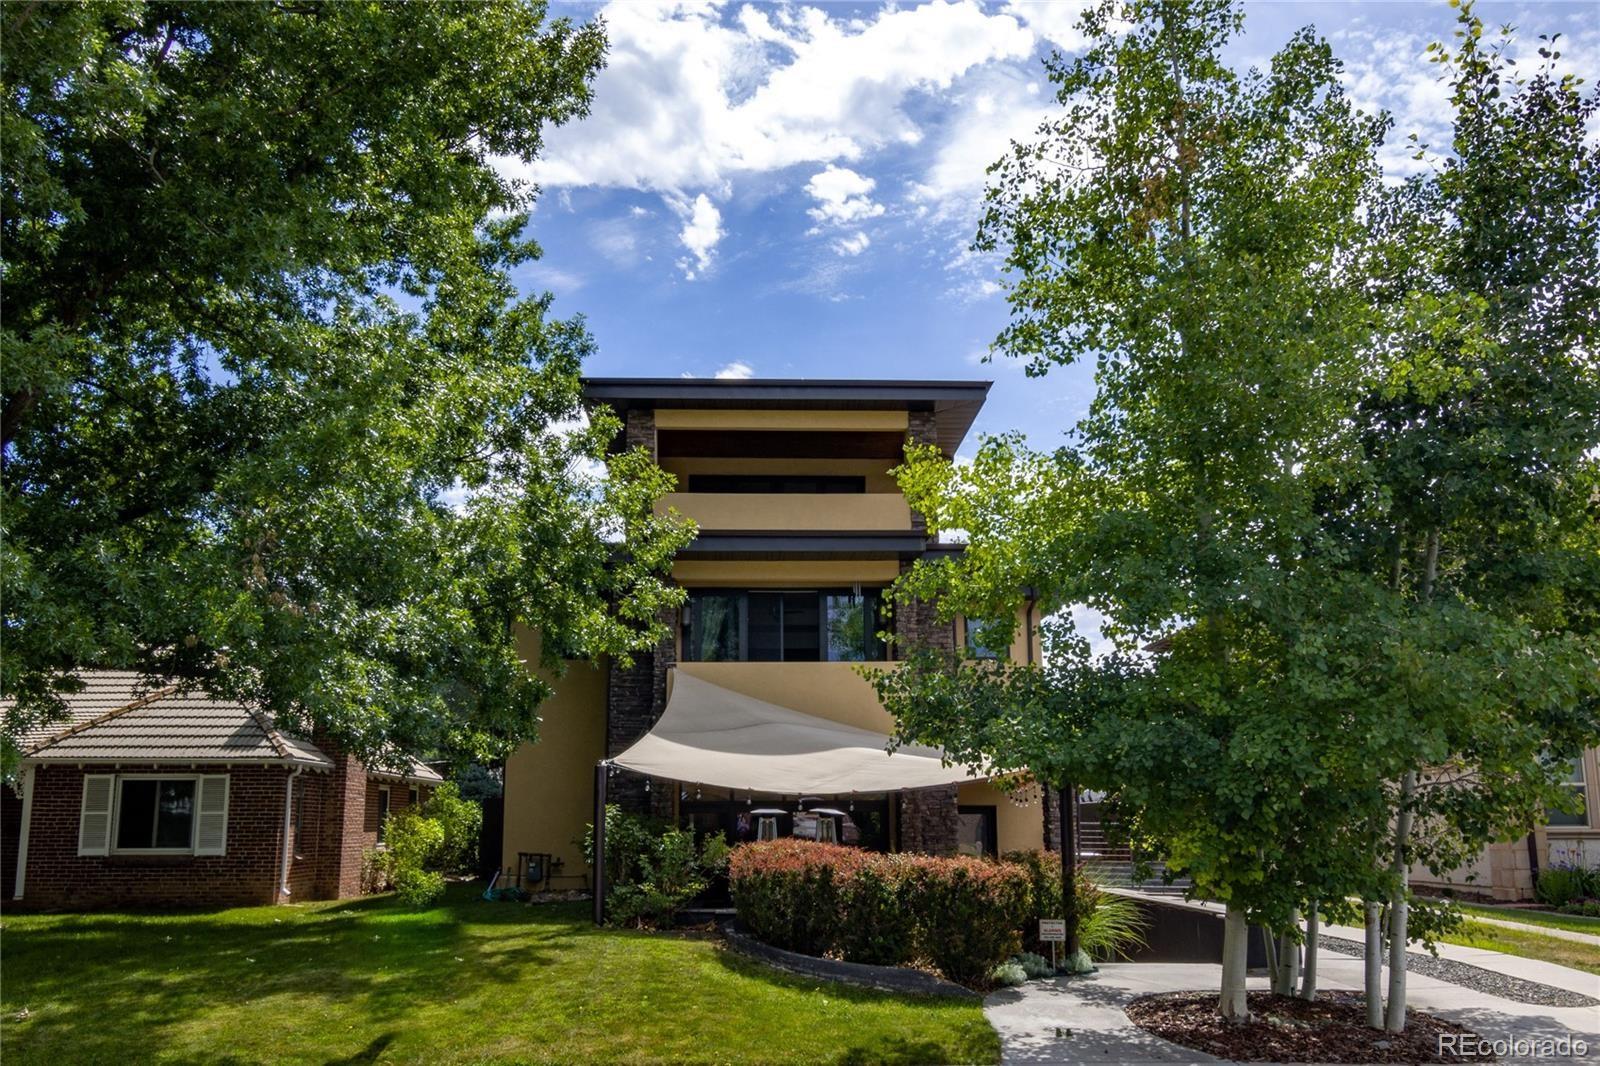 MLS# 2803323 - 2 - 776 Ivanhoe Street, Denver, CO 80220